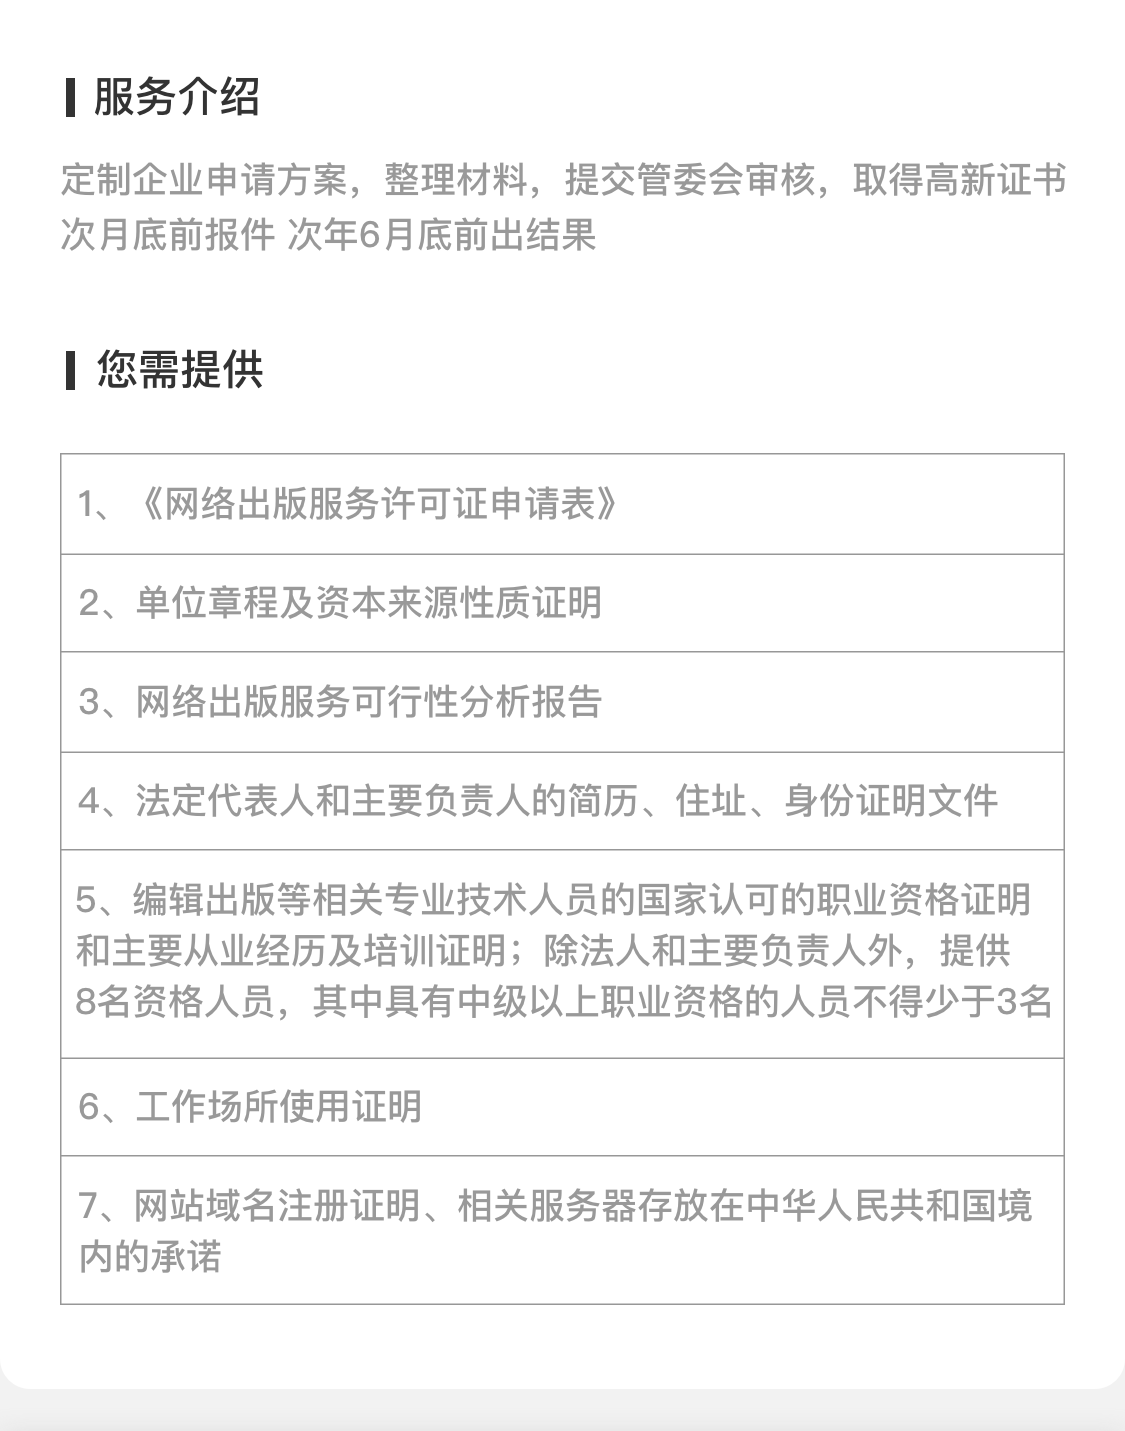 網絡出版許可證.png